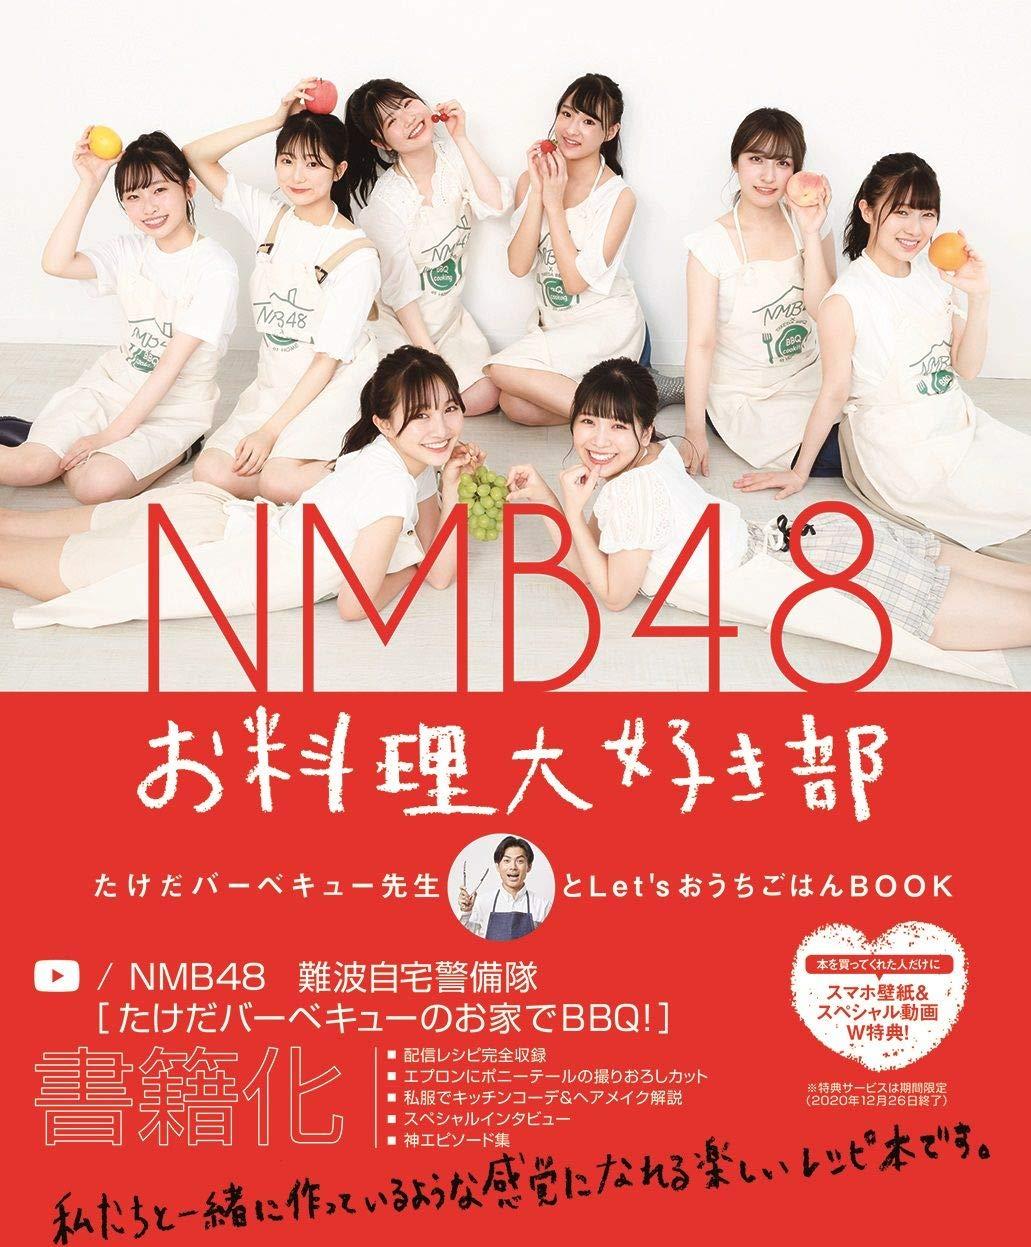 「NMB48 お料理大好き部 – たけだバーベキュー先生とLet'sおうちごはんBOOK –」本日9/26発売!